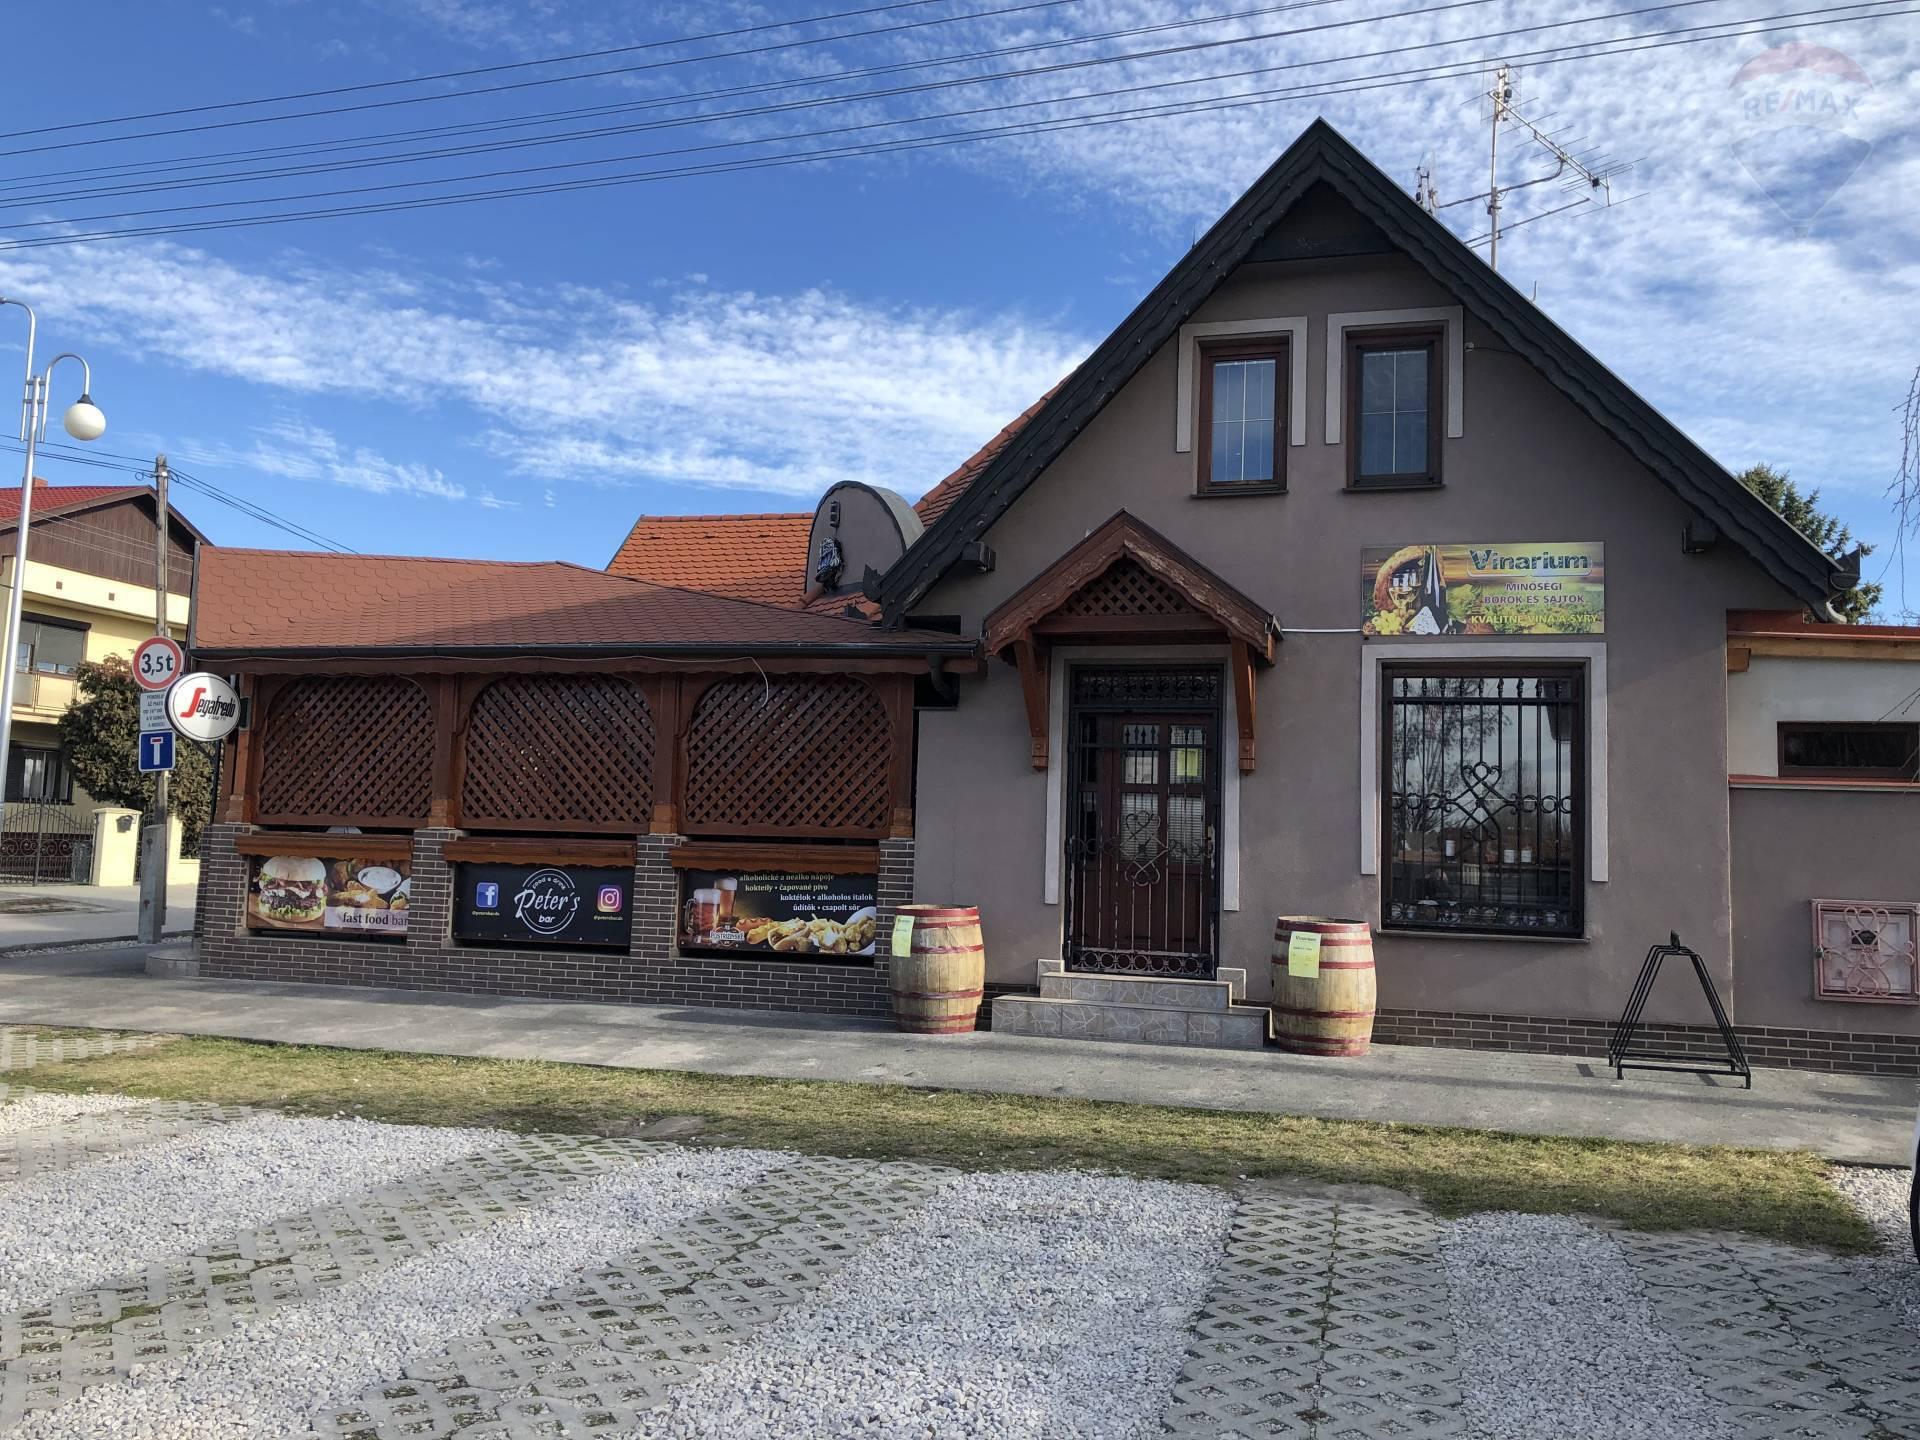 Predaj: Komerčný objekt - reštaurácia na predaj, Dunajská Streda, pozemok 471 m2